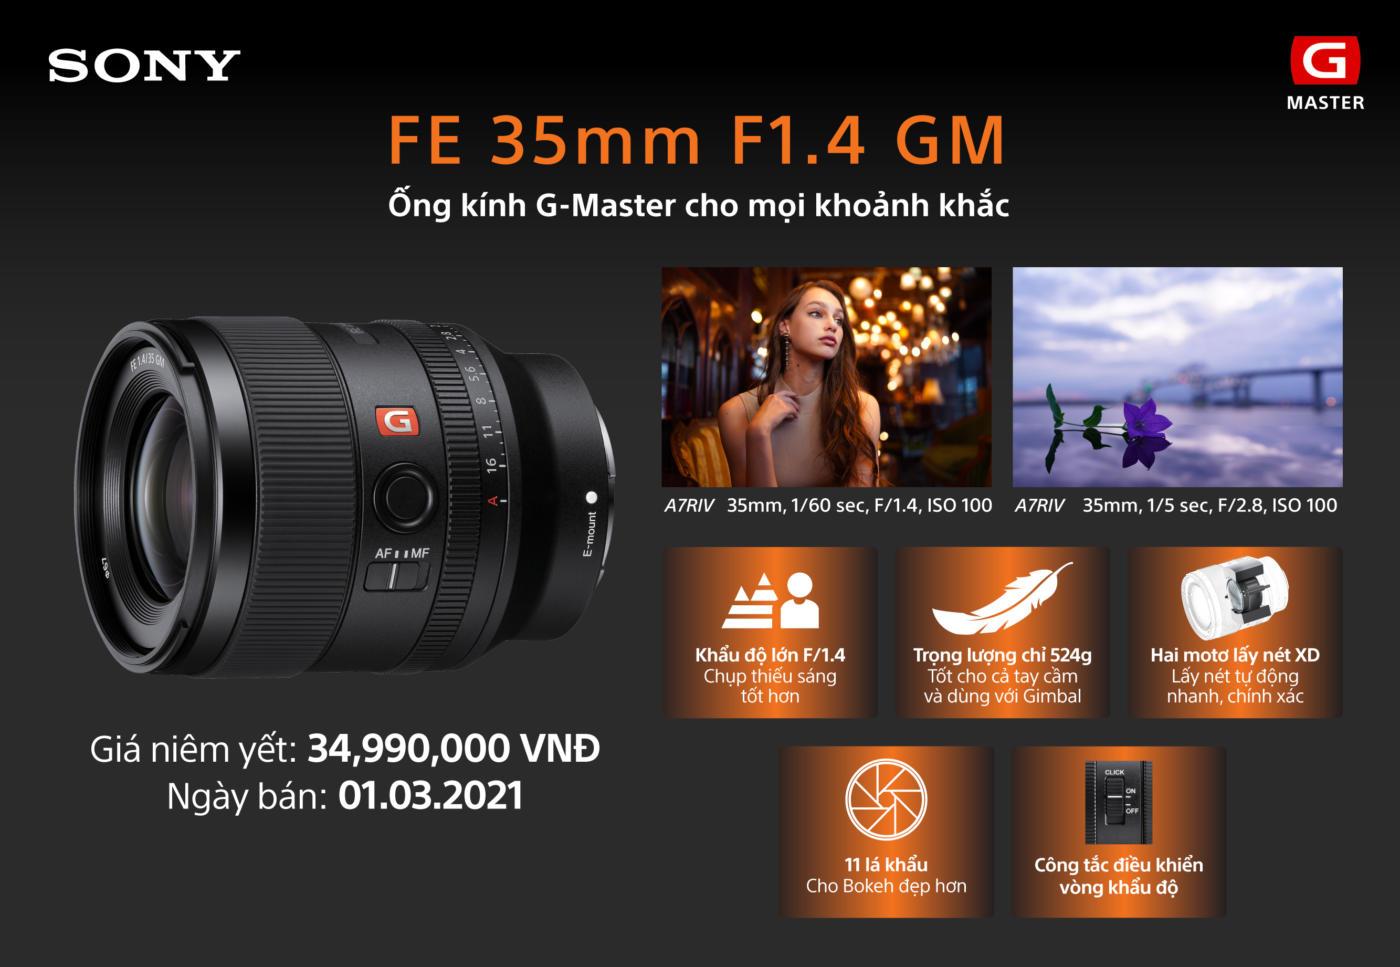 Sony ra mắt ống kính full-frame FE 35mm F1.4 GM: hình ảnh vượt trội trong thiết kế nhỏ gọn